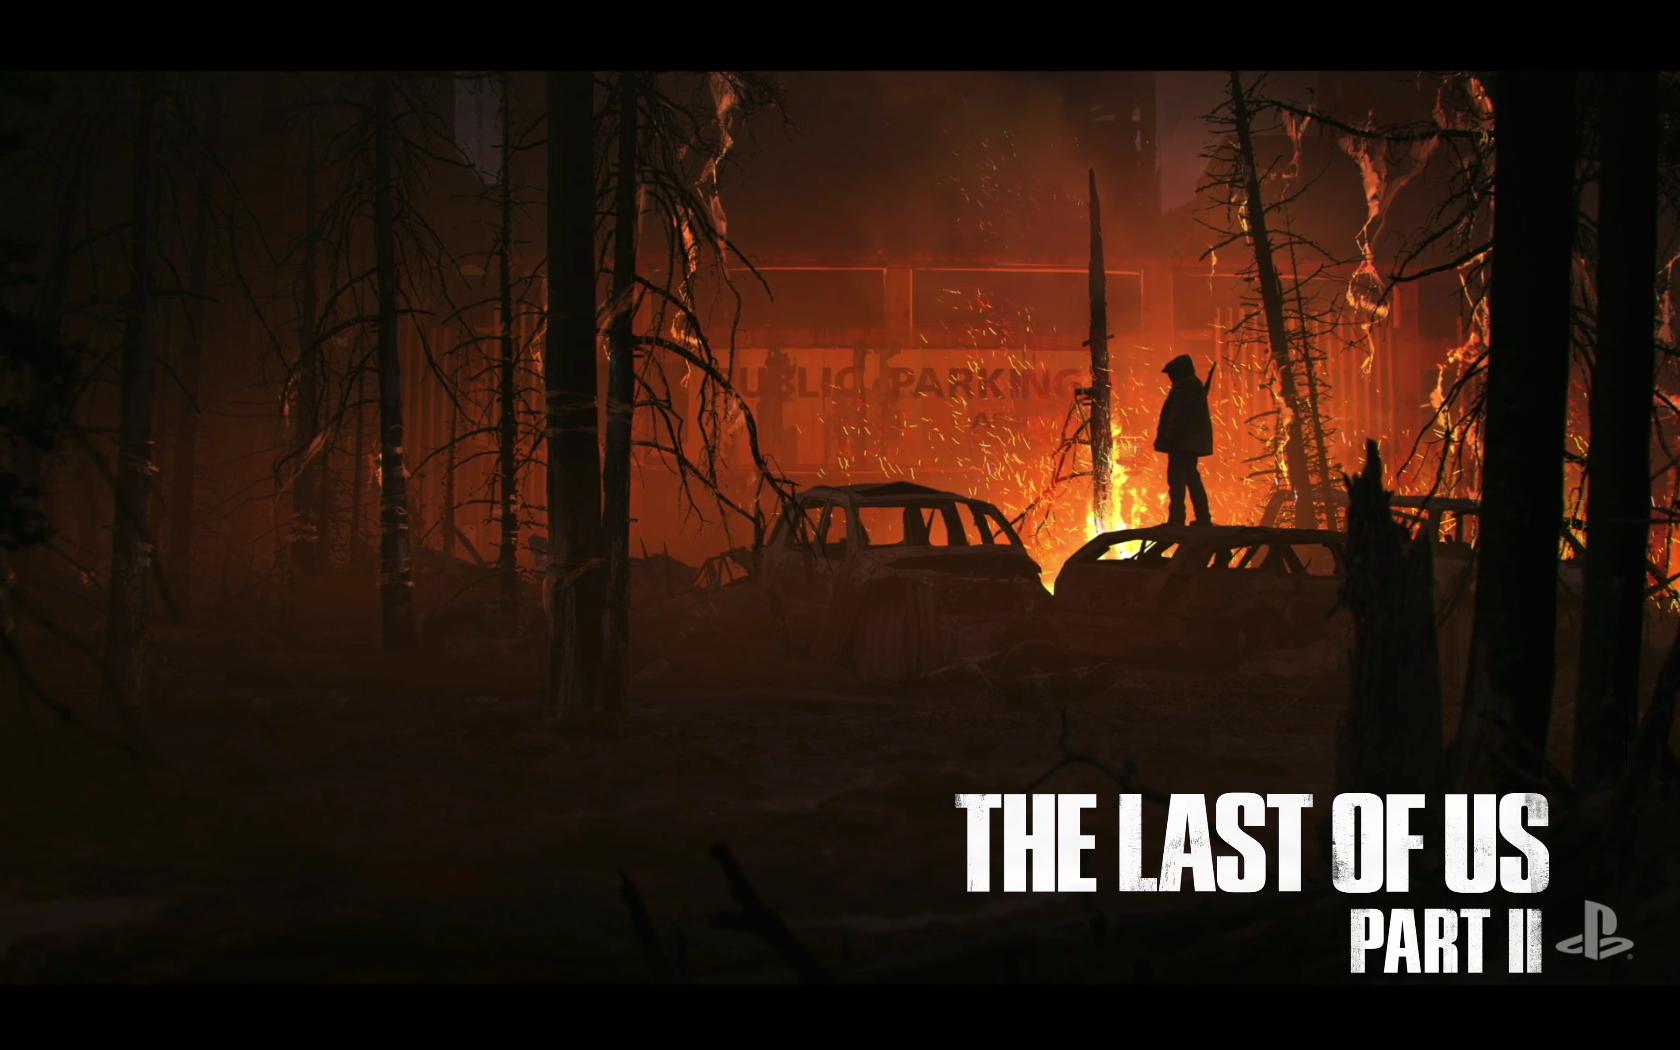 The Last Of Us Part 2 Wallpaper: The Last Of Us Part II Concept Art Wallpaper Art